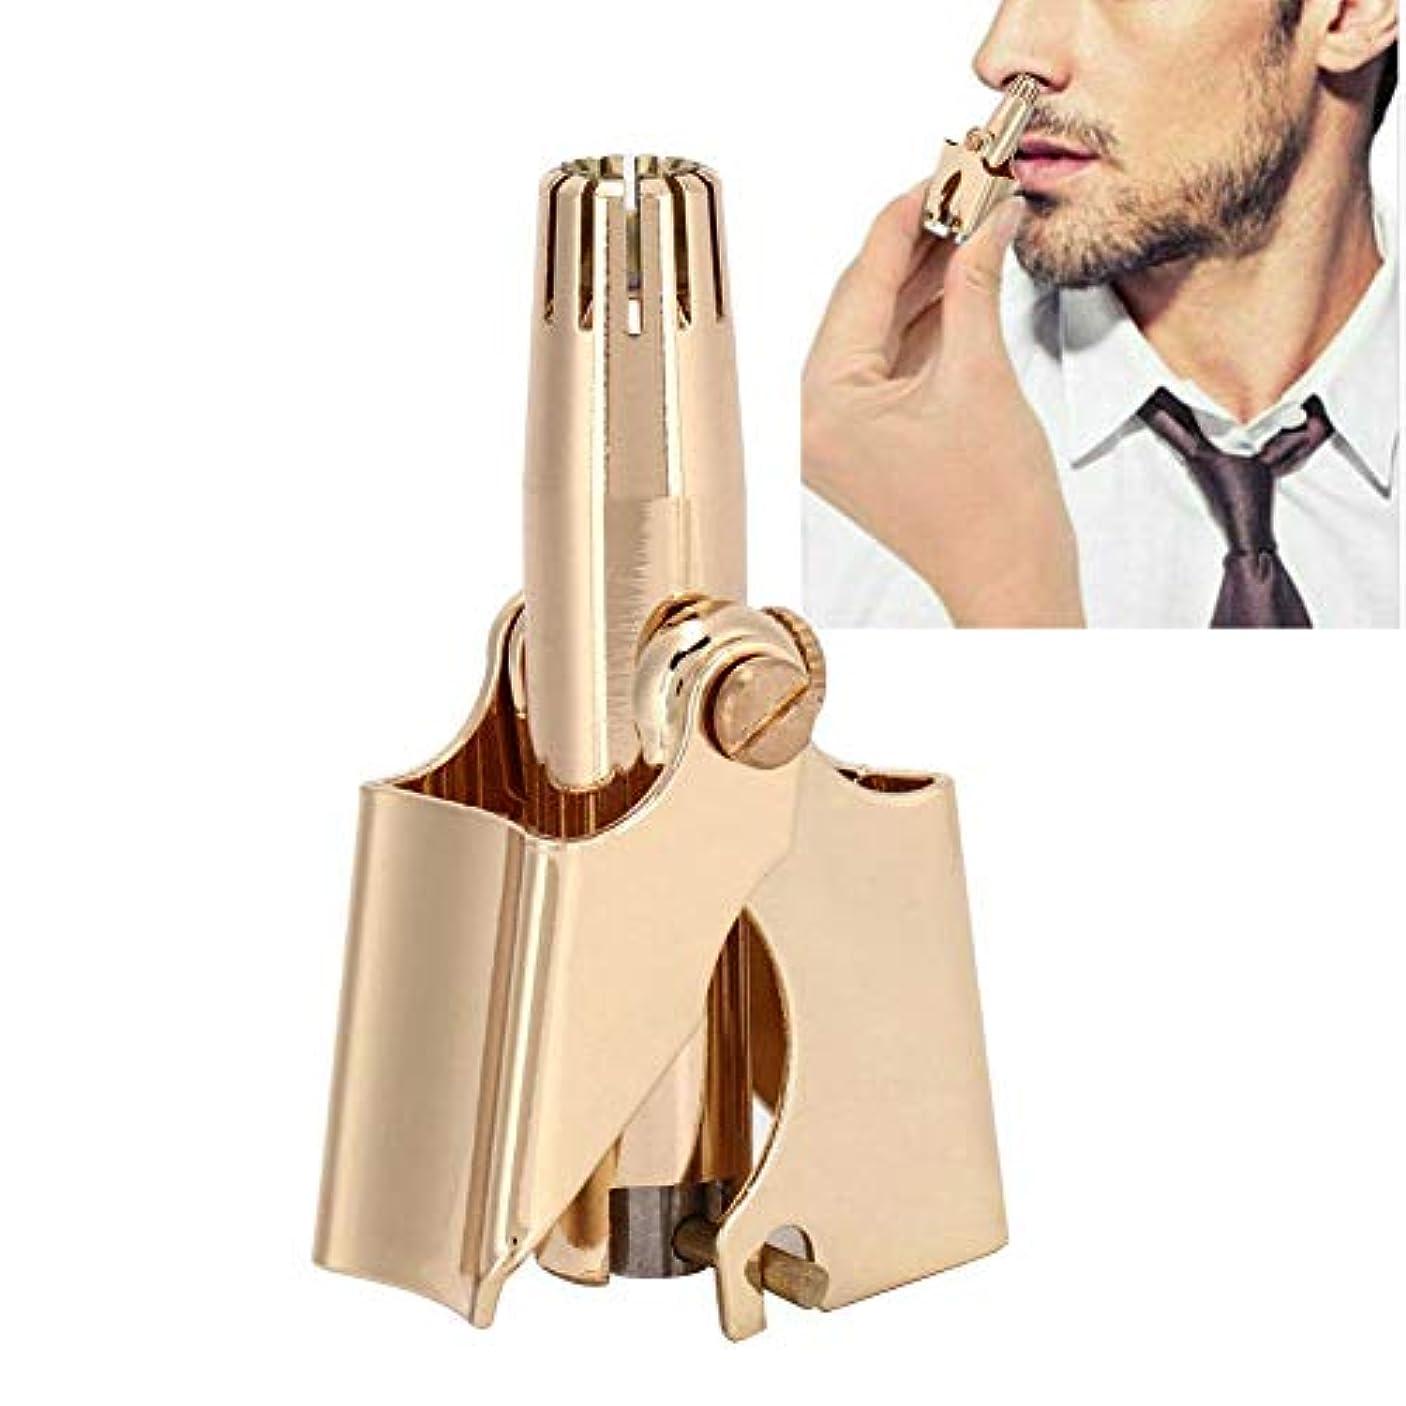 閉じ込める言い直すトランスペアレント携帯用ステンレス鋼の耳の鼻の毛のトリマー(ゴールド)